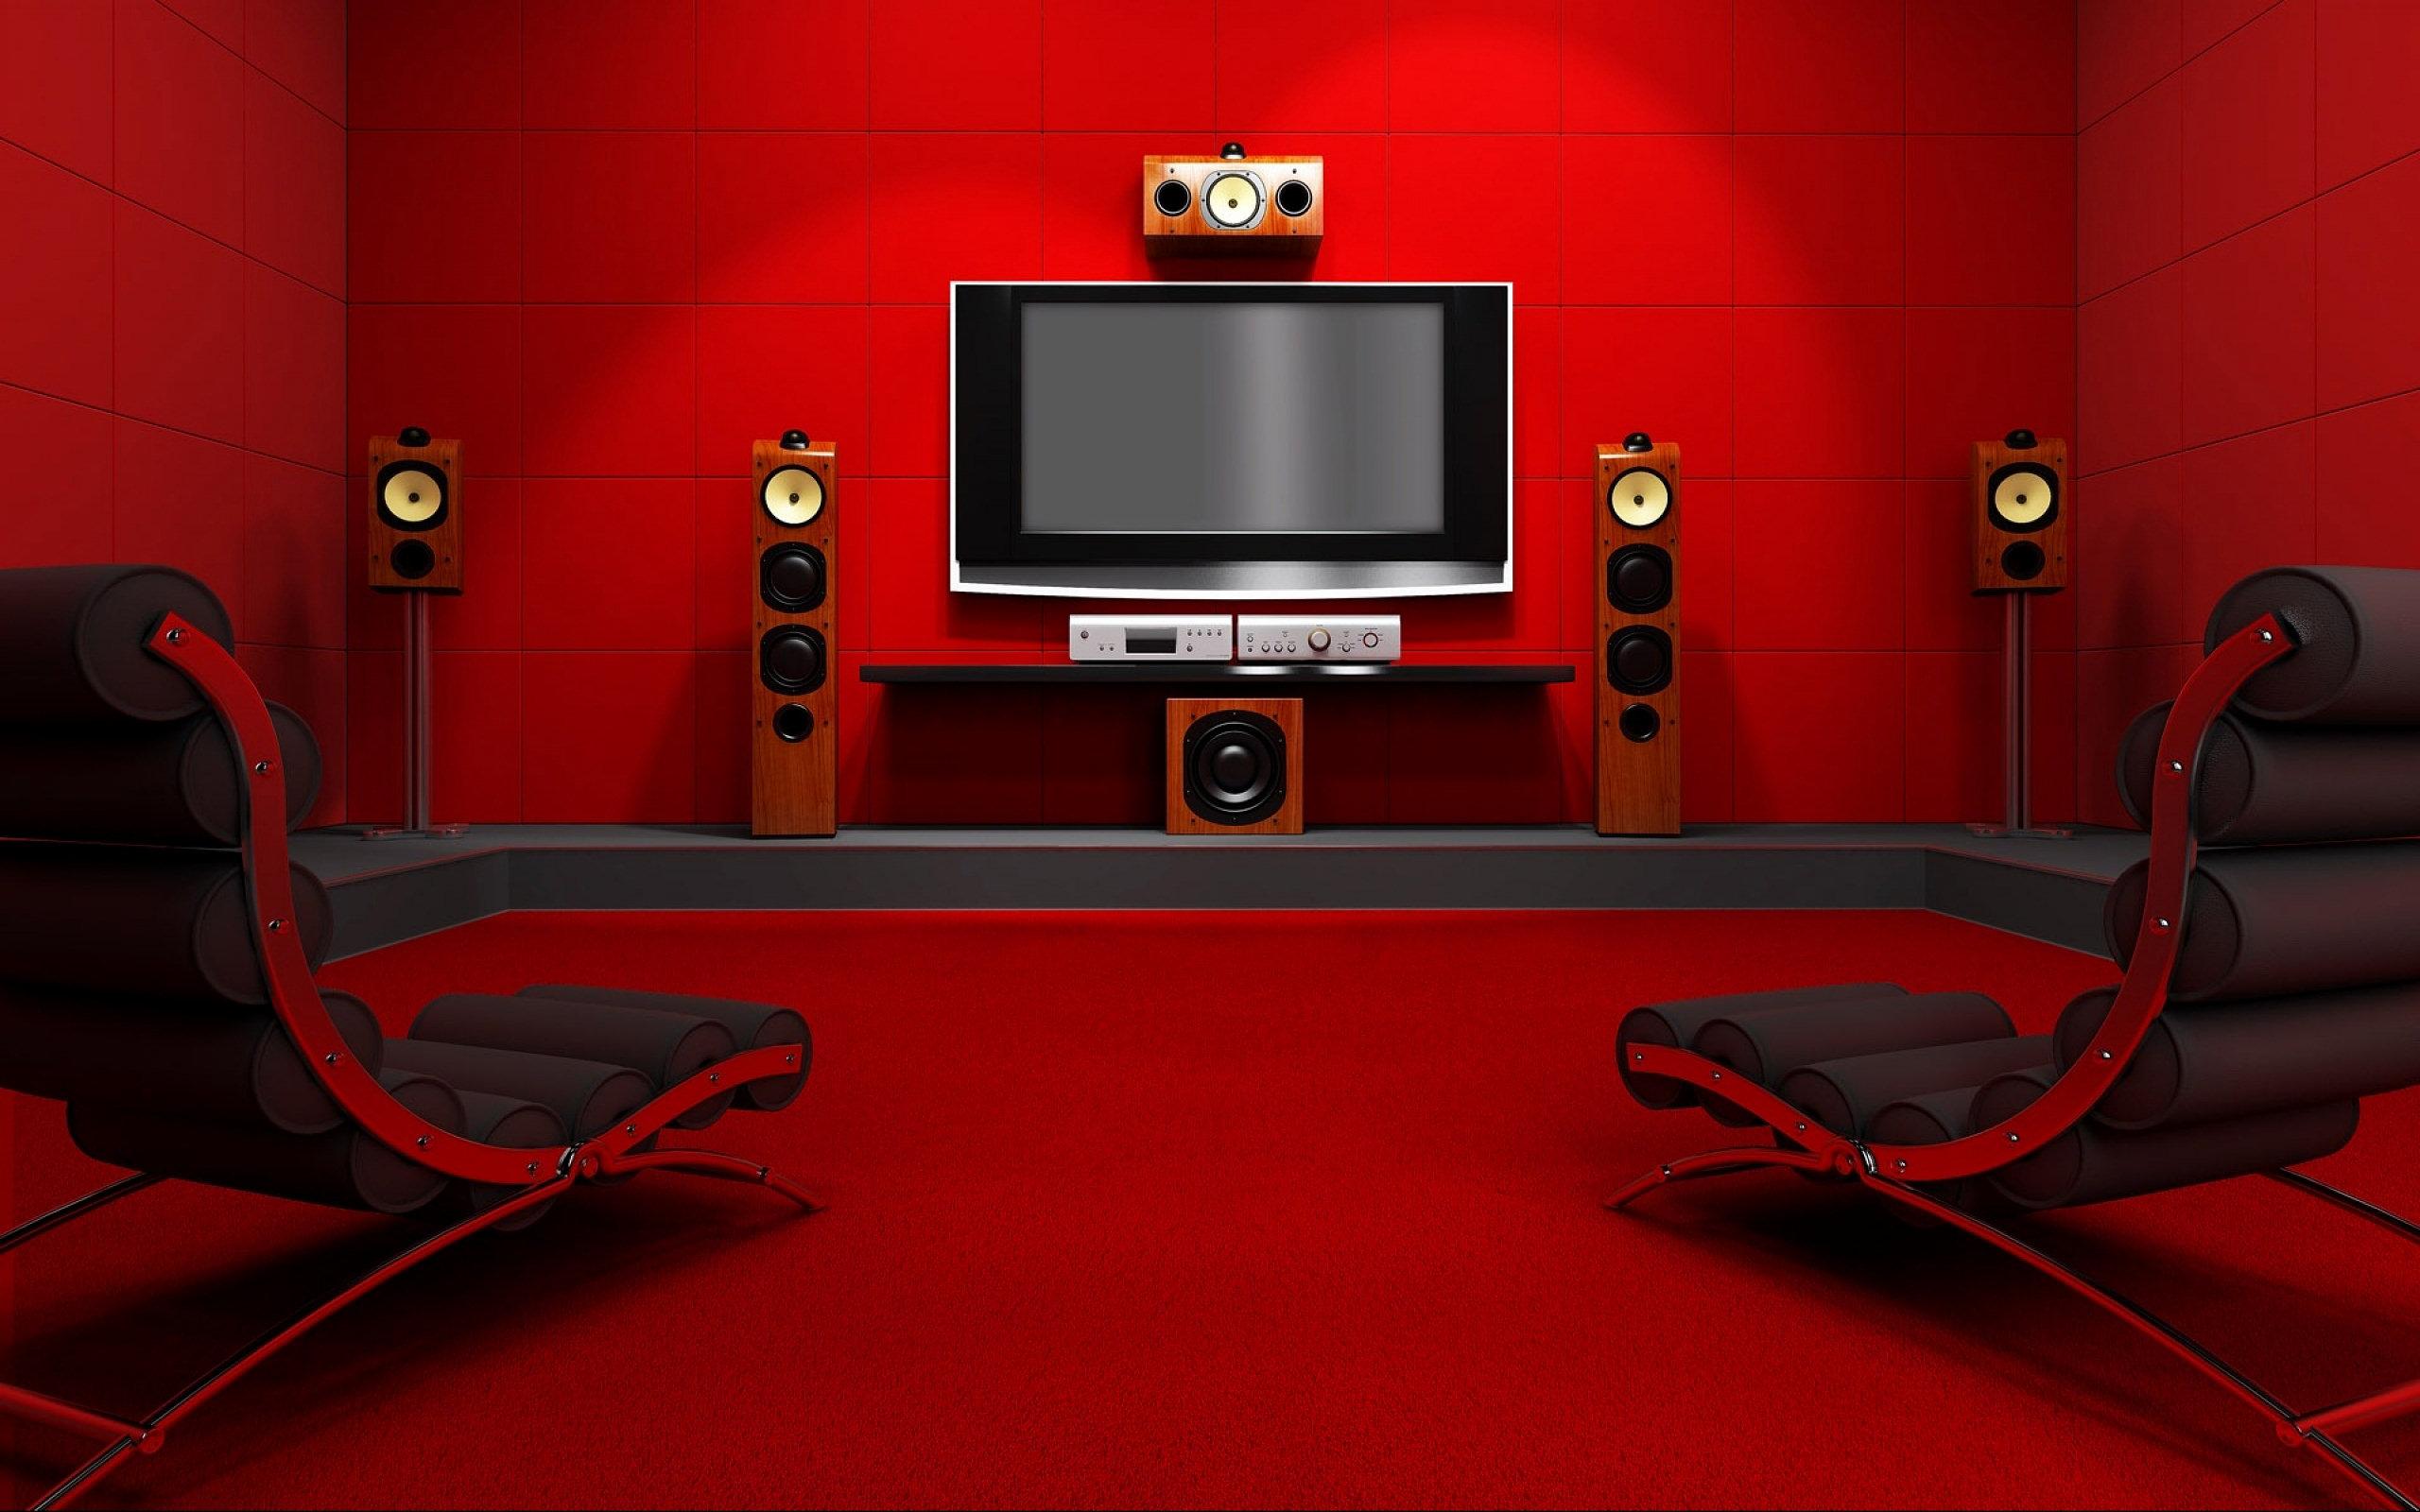 TV room Computer Wallpapers, Desktop Backgrounds